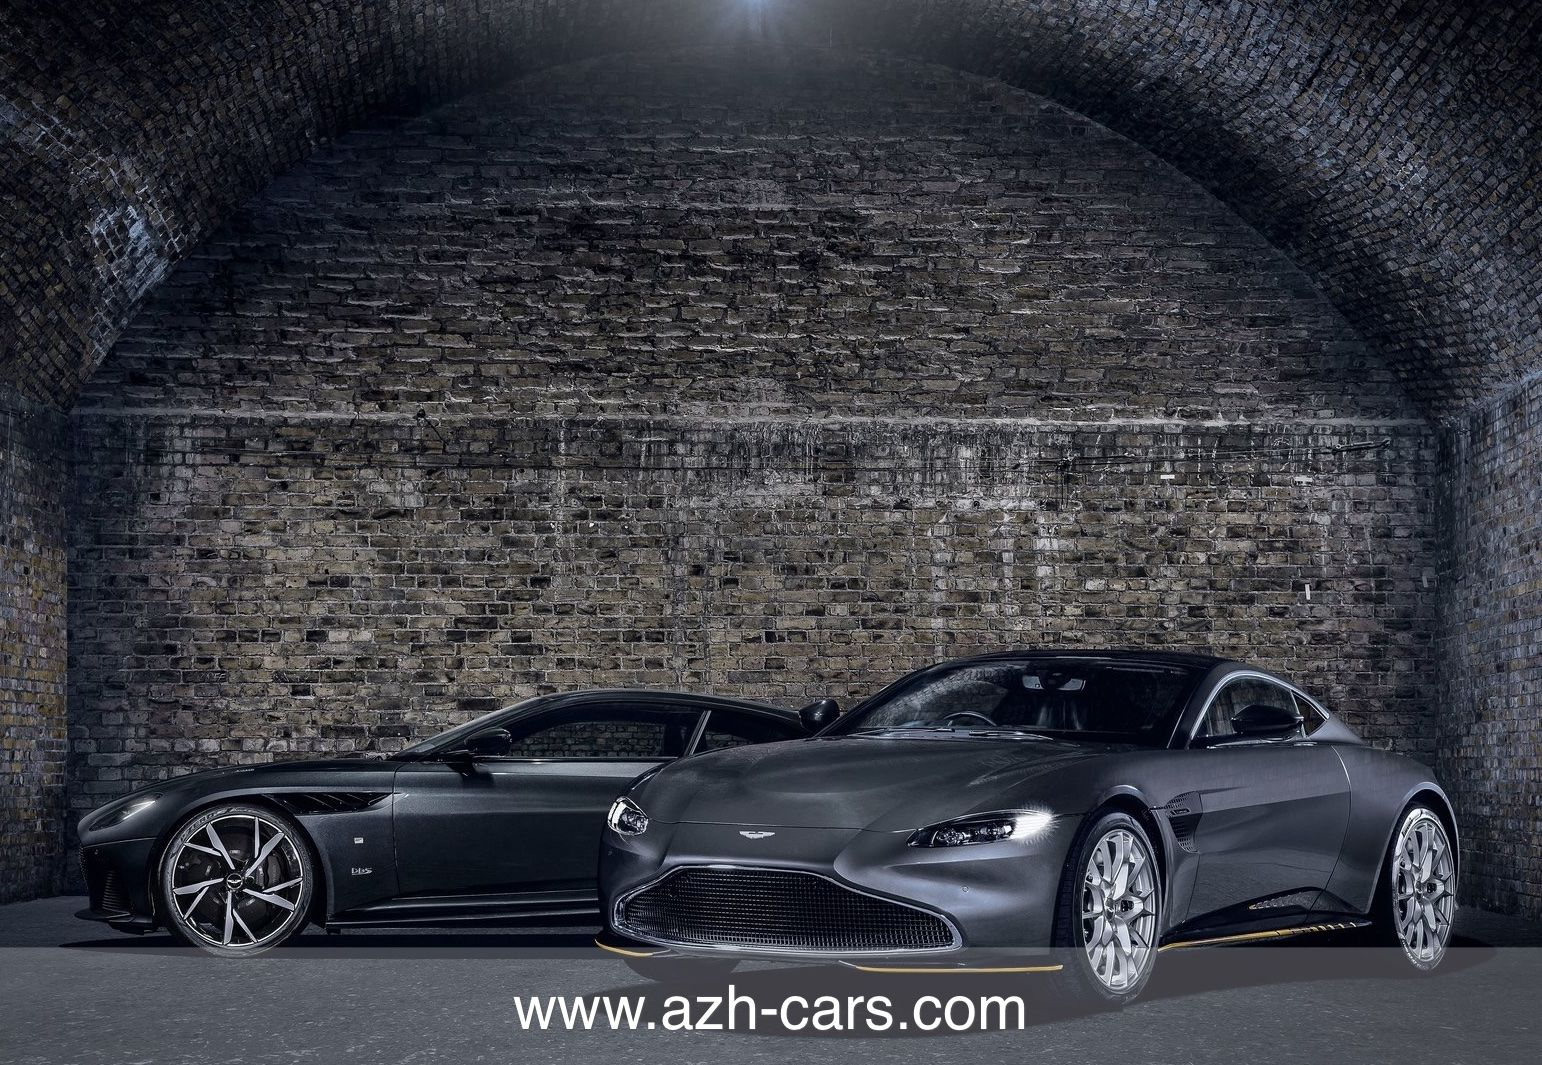 Aston Martin Vantage 007 Edition 2021 Aston Martin Aston Martin Vantage Aston